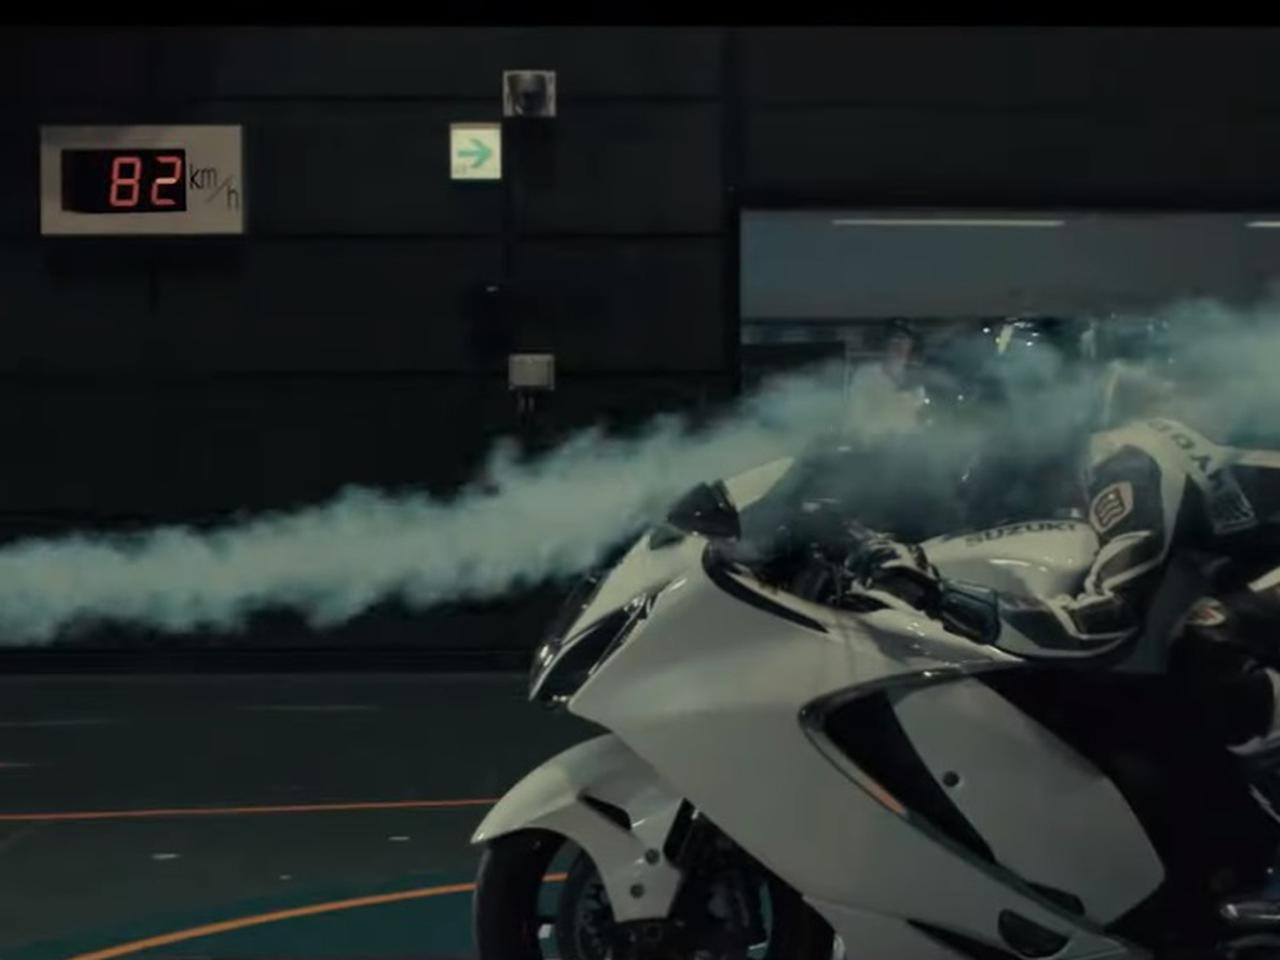 画像: ターボも、6気筒も、大排気量も全部やった。そのうえで新型ハヤブサは1340cc/190馬力を選んだ! 続々と衝撃事実が明らかに!? - スズキのバイク!